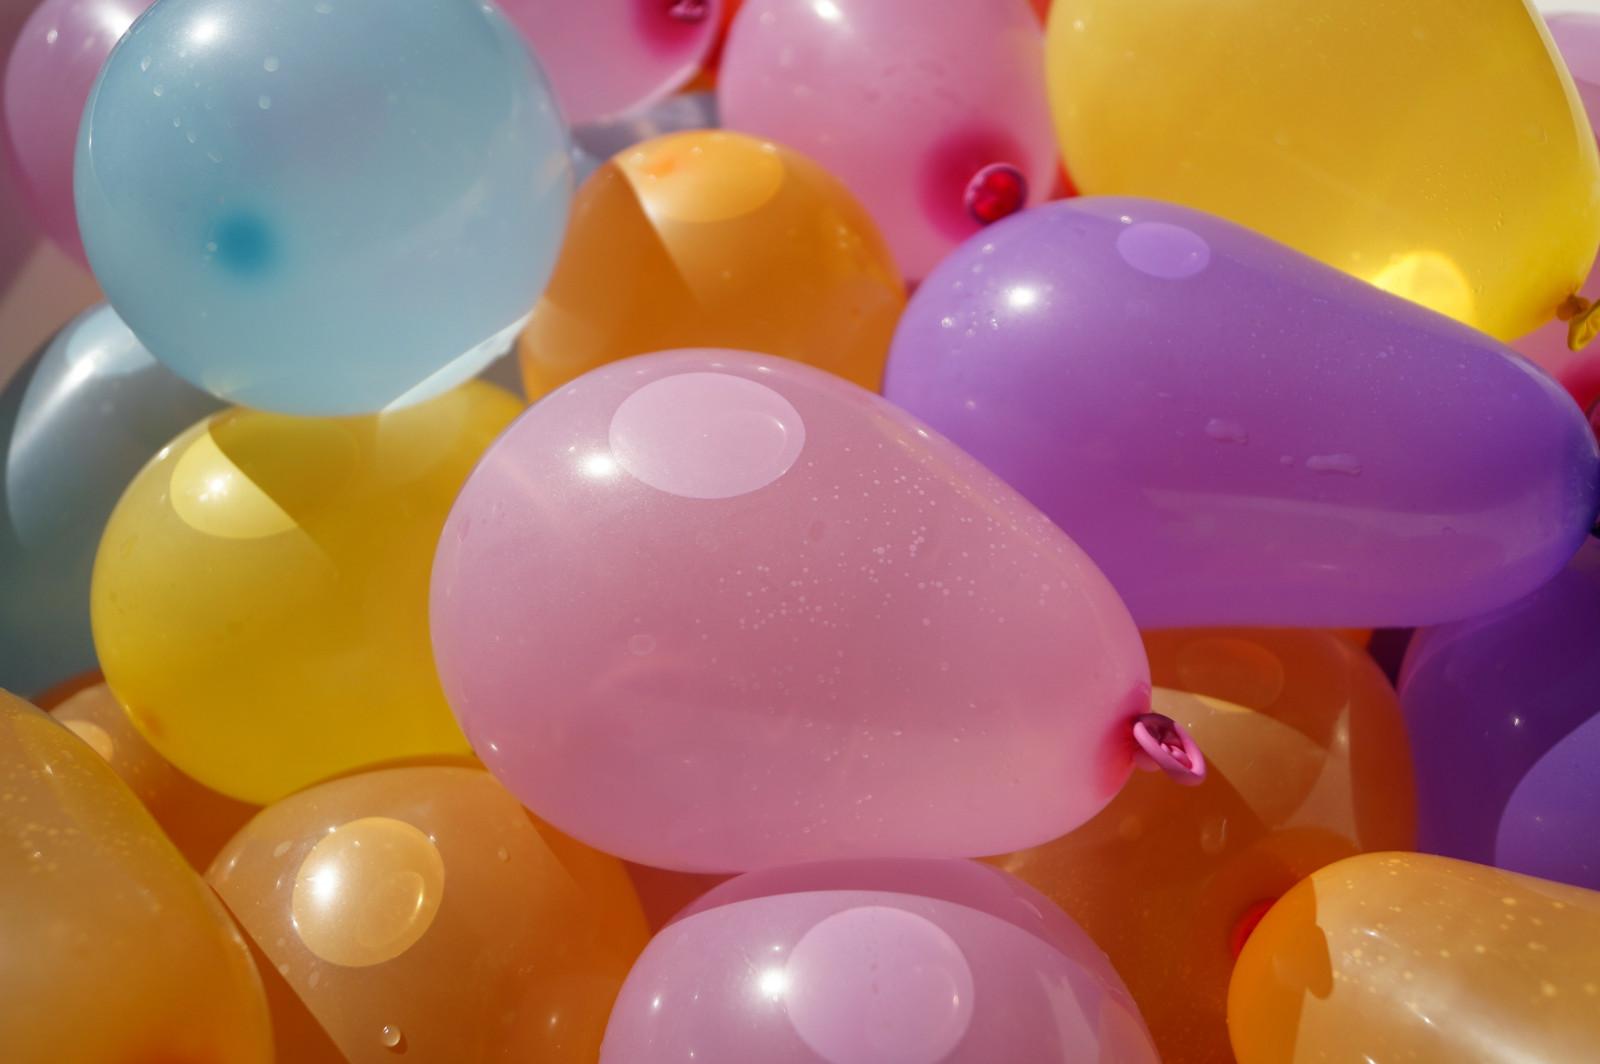 Картинки лисы, картинки с надувными шарами